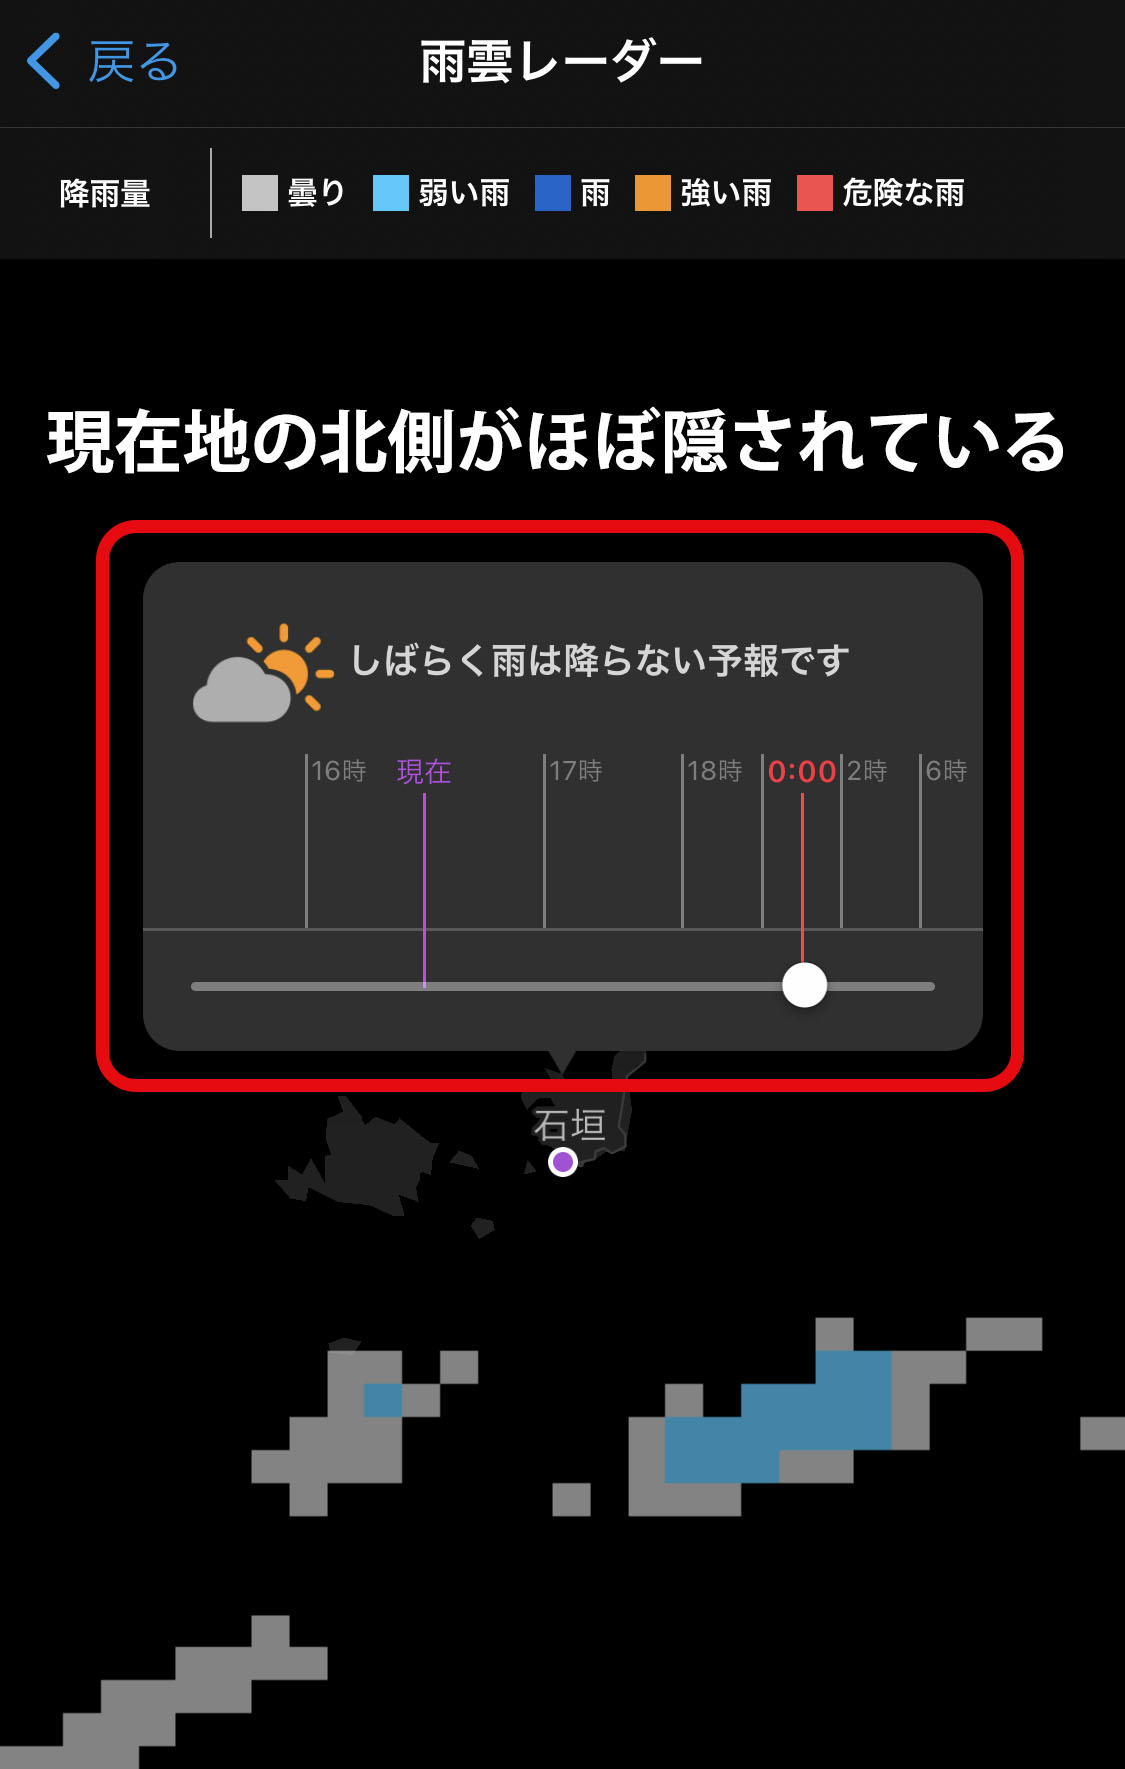 市 レーダー 雨雲 藤沢 天気